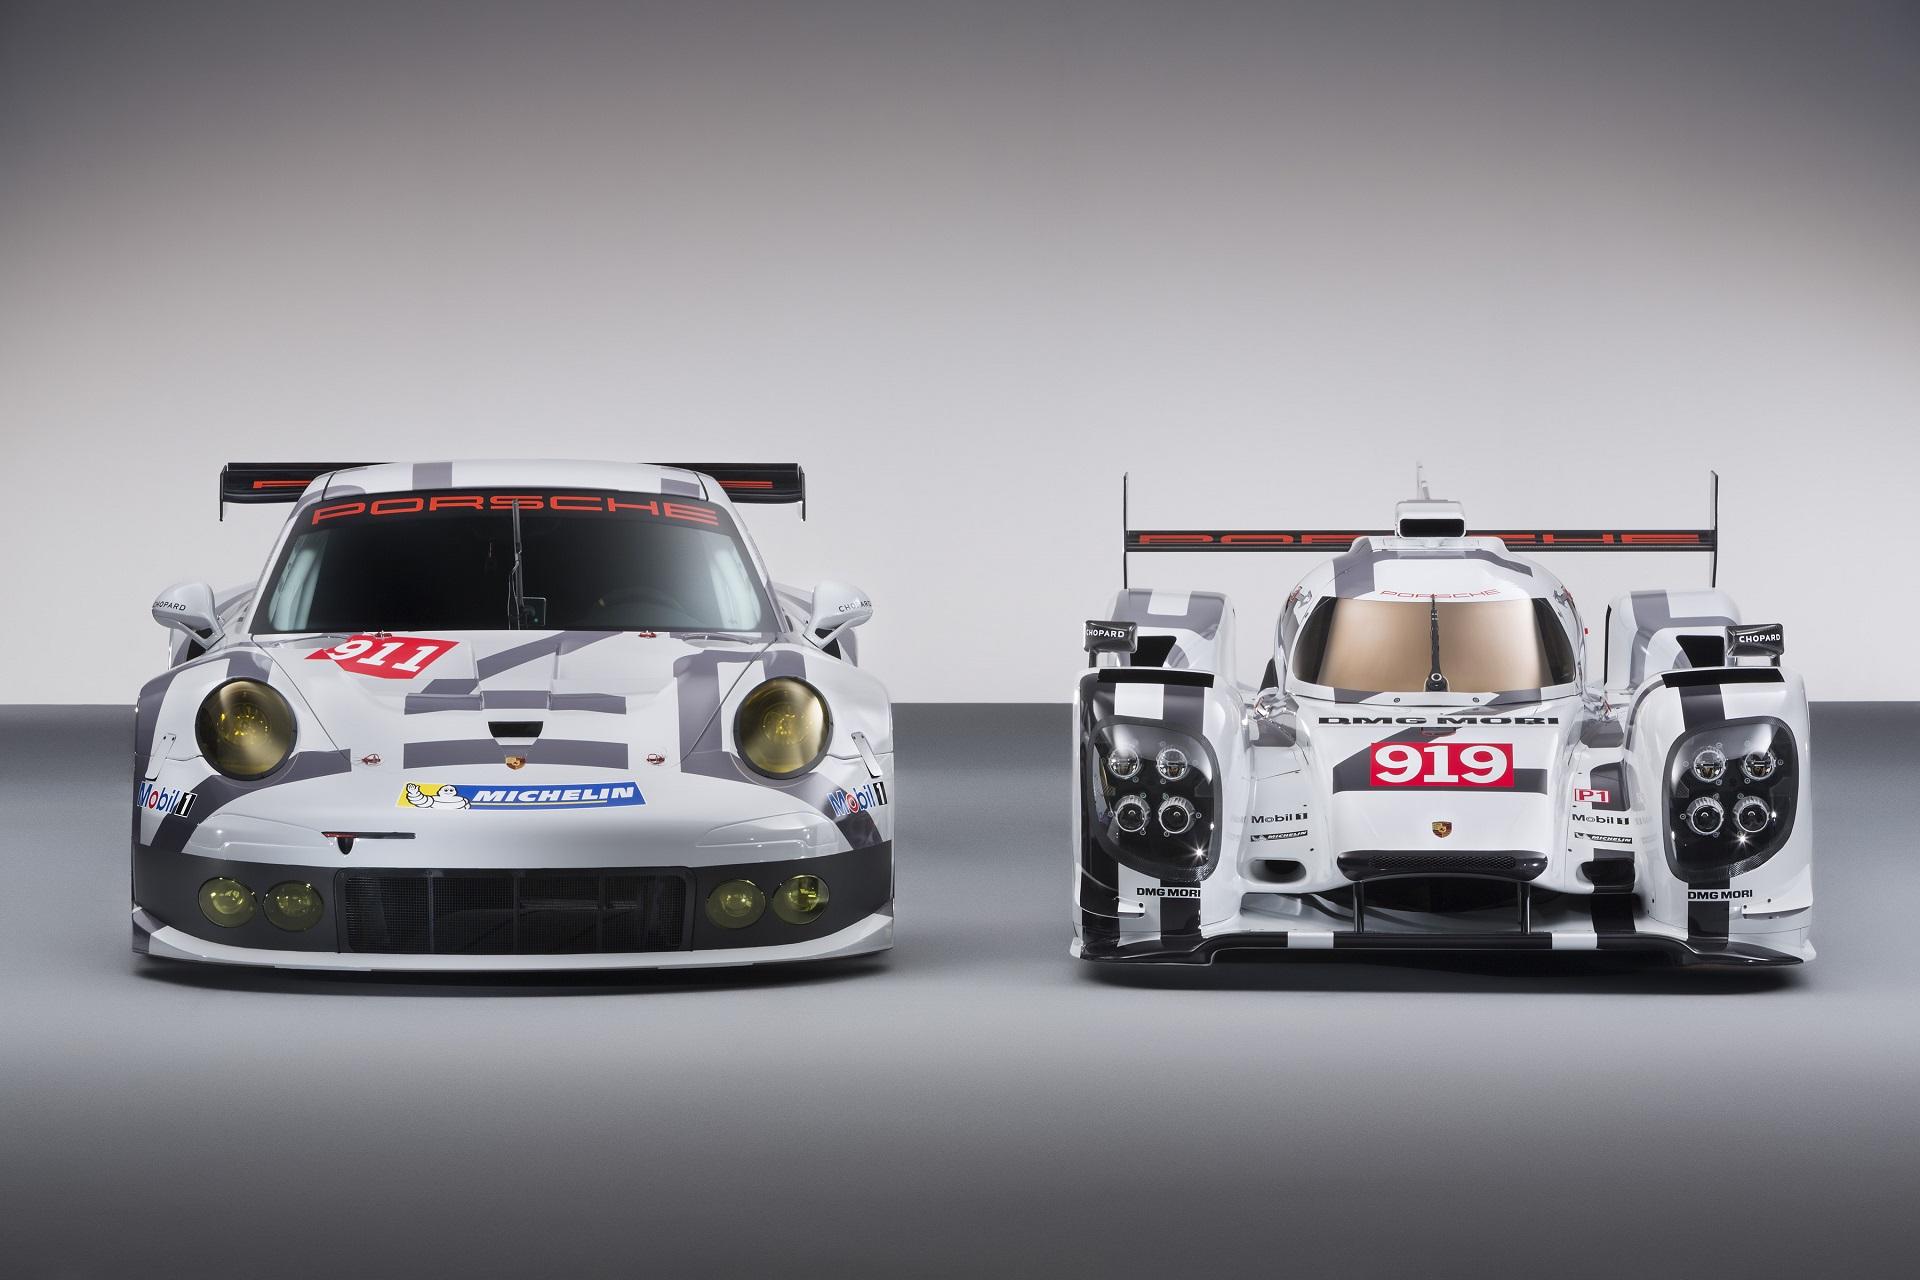 2014 Porsche Motorsport Worldwide- 919 Hybrid-911 RSR- Head-On.jpg